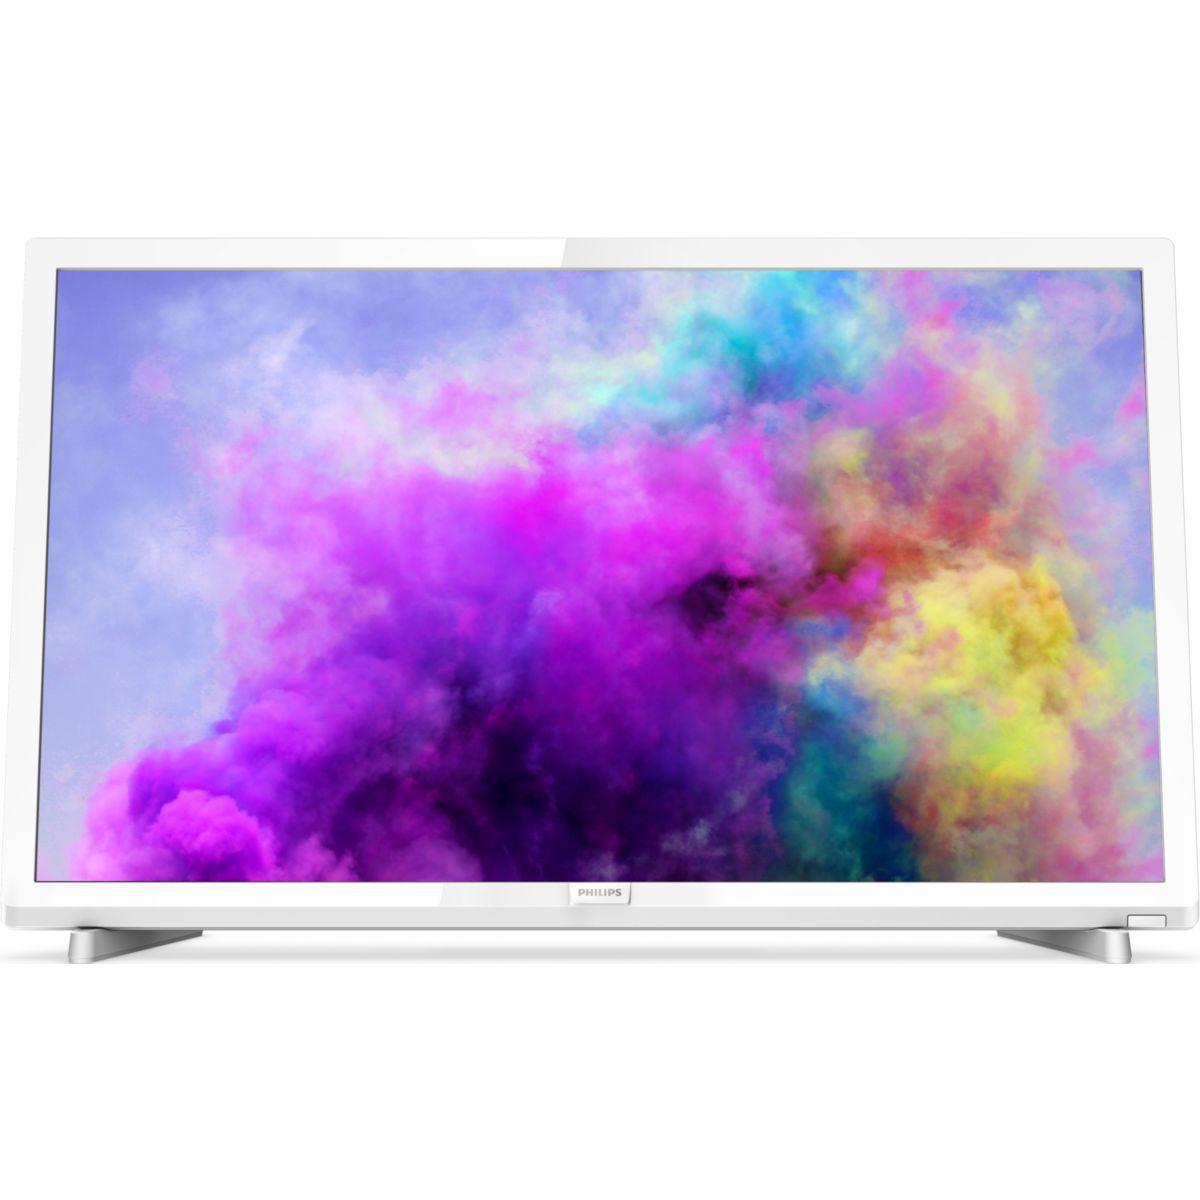 Tv led philips 24pfs5603 - livraison offerte : code liv